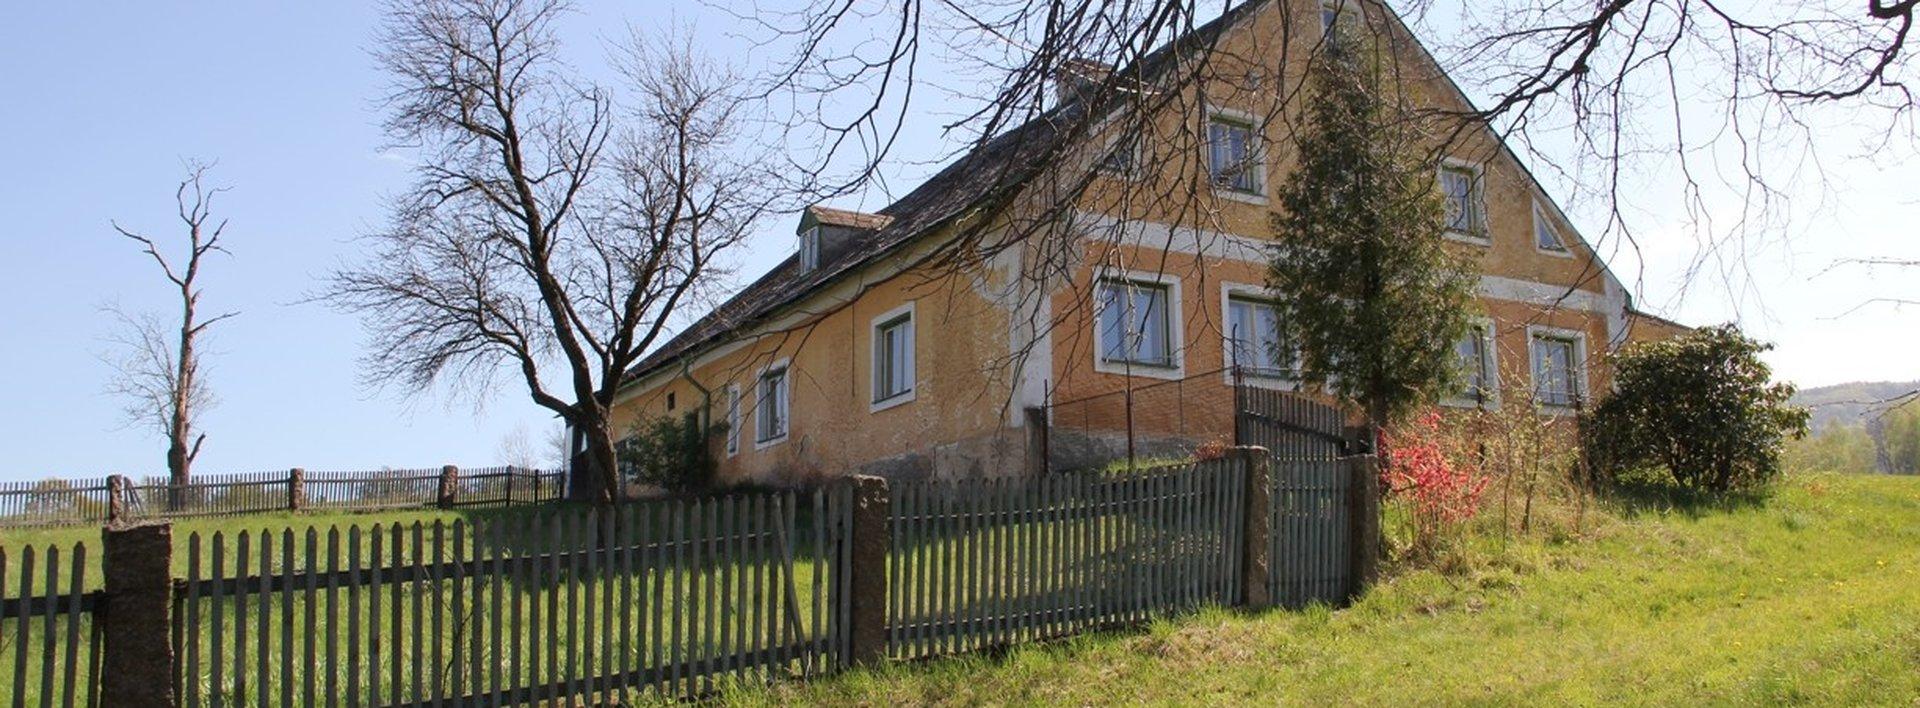 Prodej rodinného domu 150 m² s přilehlými pozemky o velikosti 78.617 m², Ev.č.: N48738